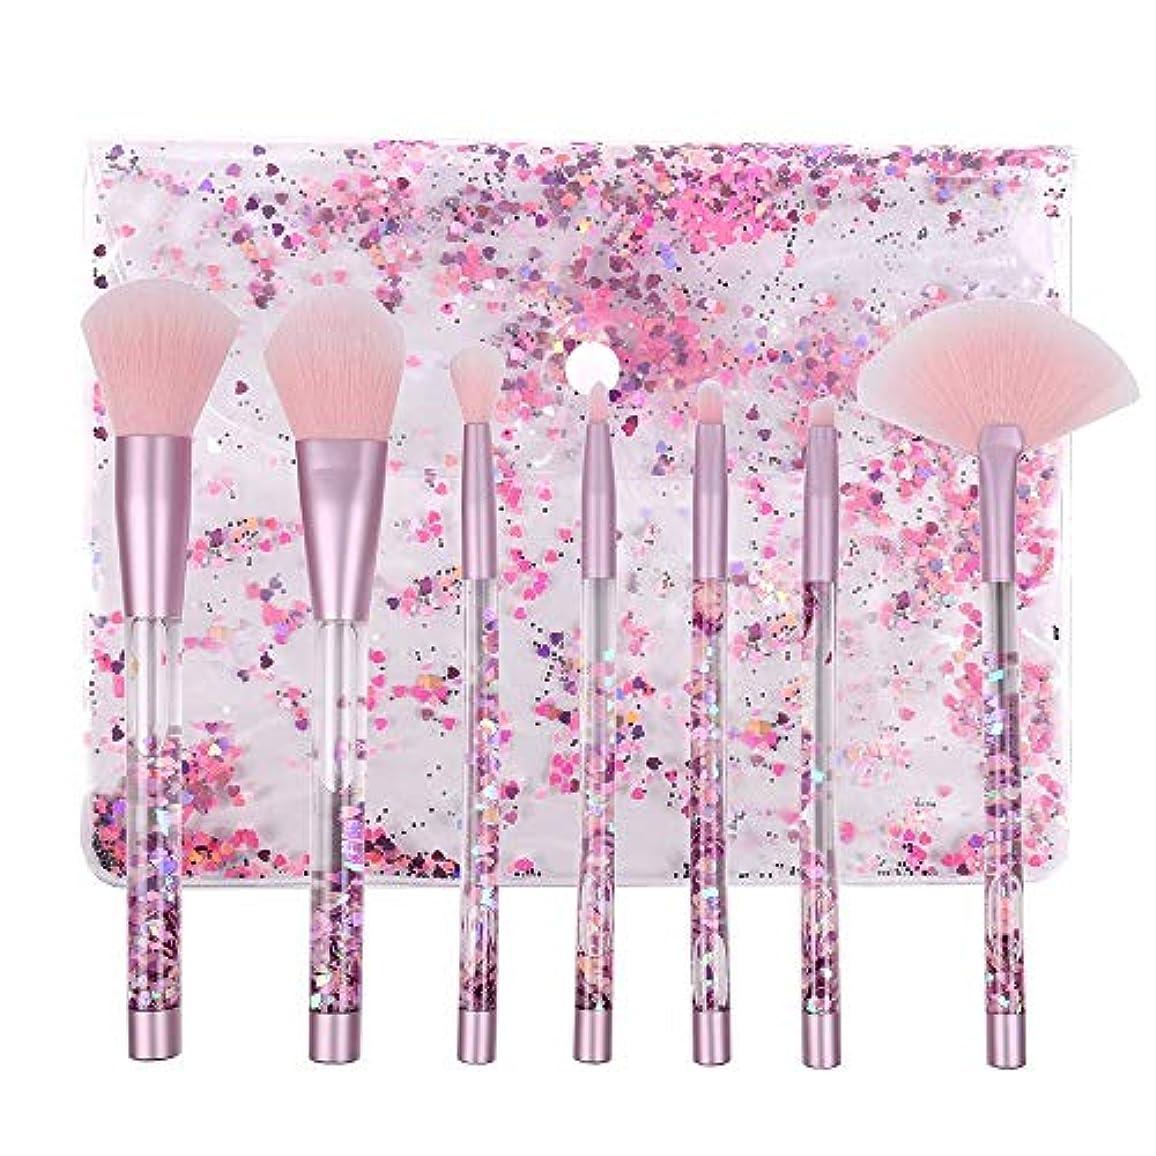 賢明な博物館郵便物Makeup brushes 化粧ブラシセット7ピースクリスタルピンク液体の光沢のある流砂のハンドル化粧ブラシナイロンブラシ suits (Color : Purple glitter handle and pink hair)